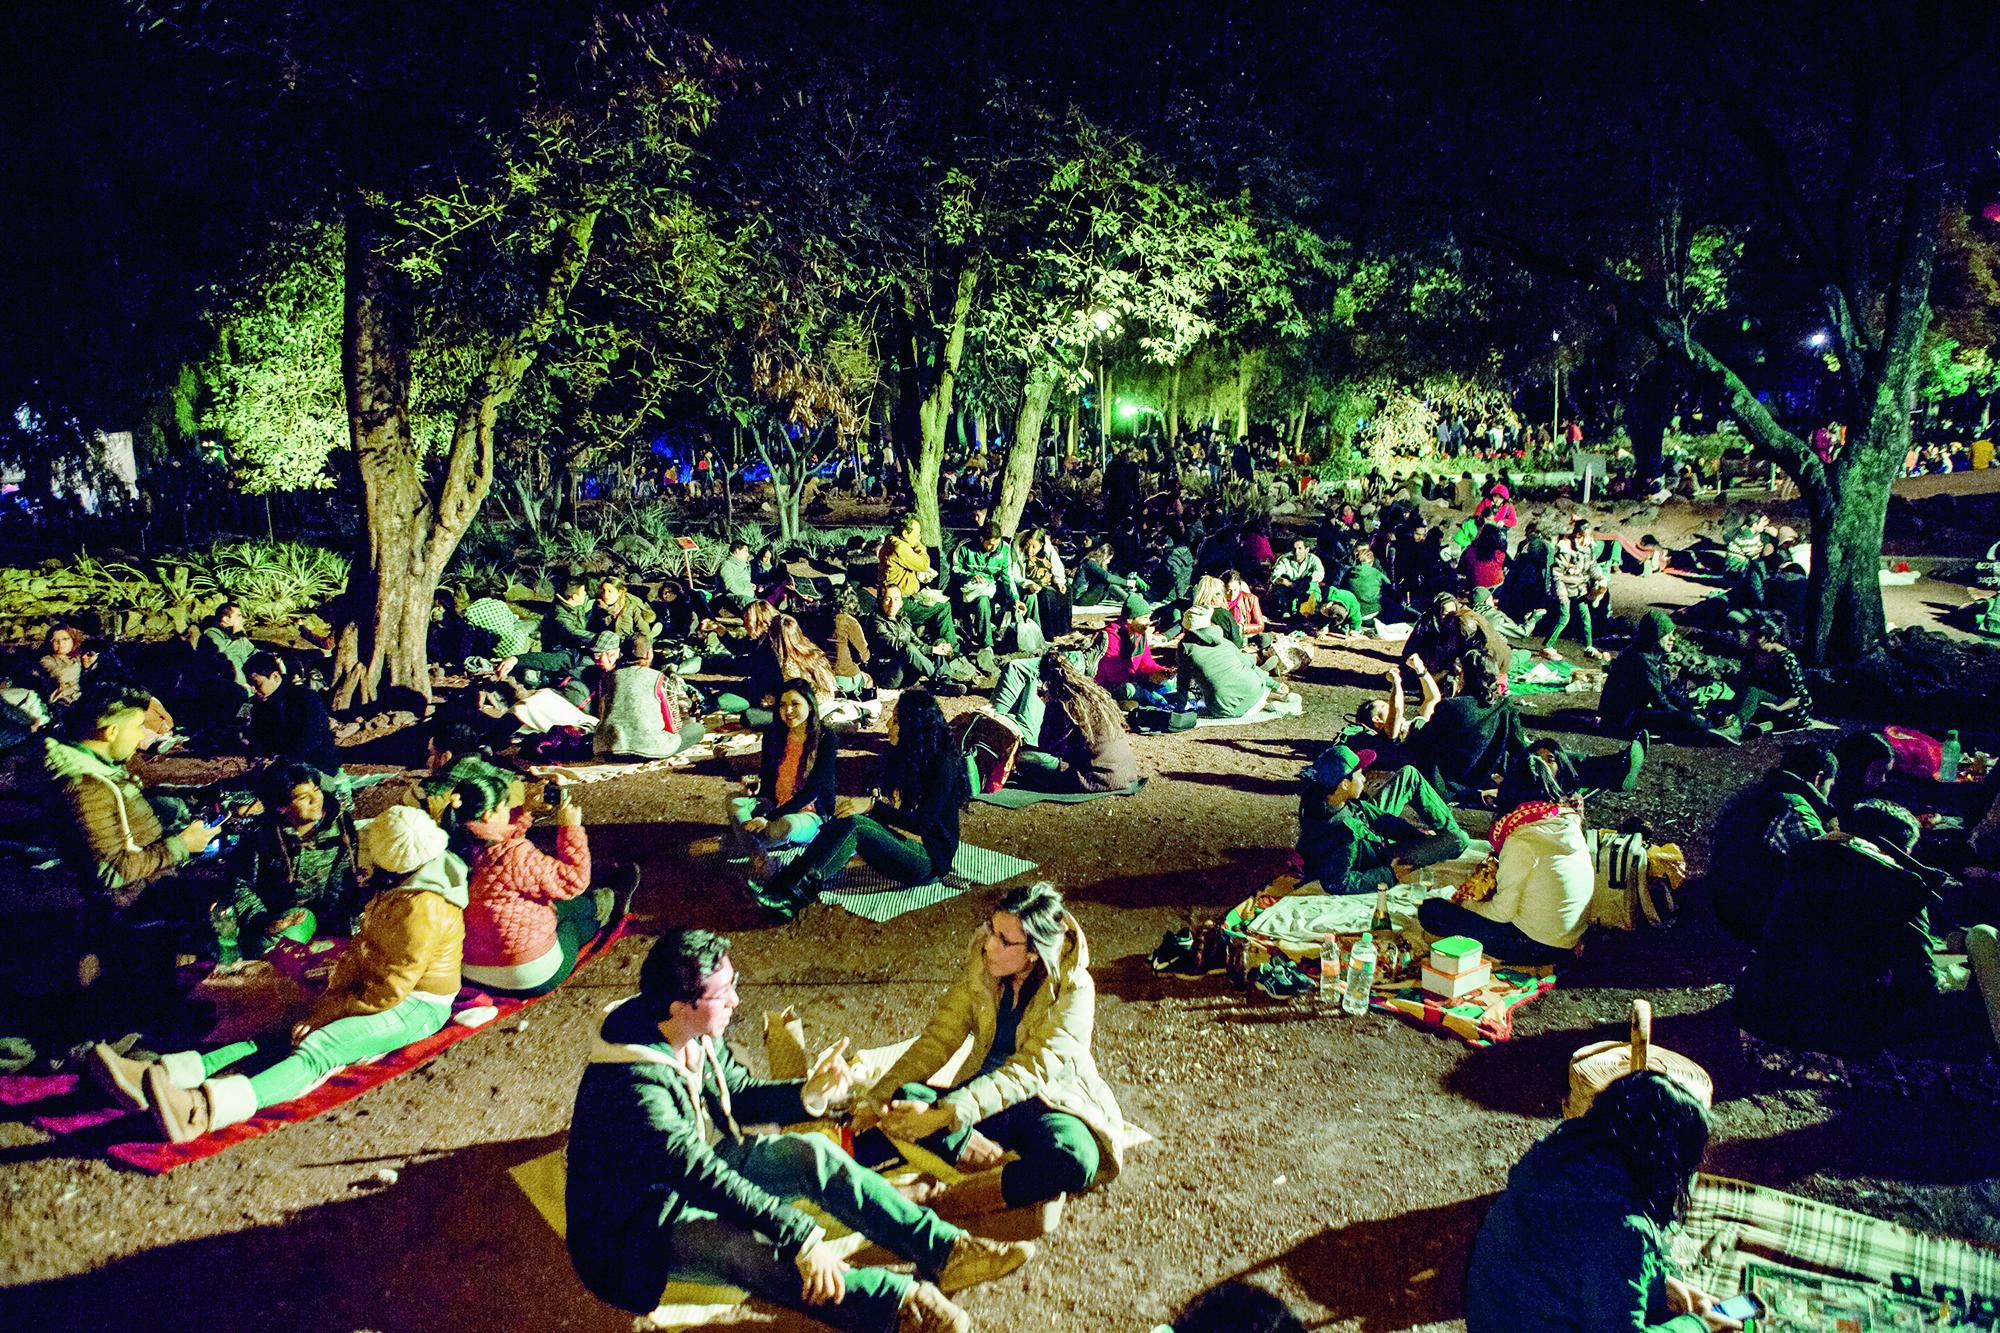 Picnic nocturno en el bot nico m sporm s for Jardin botanico bogota nocturno 2016